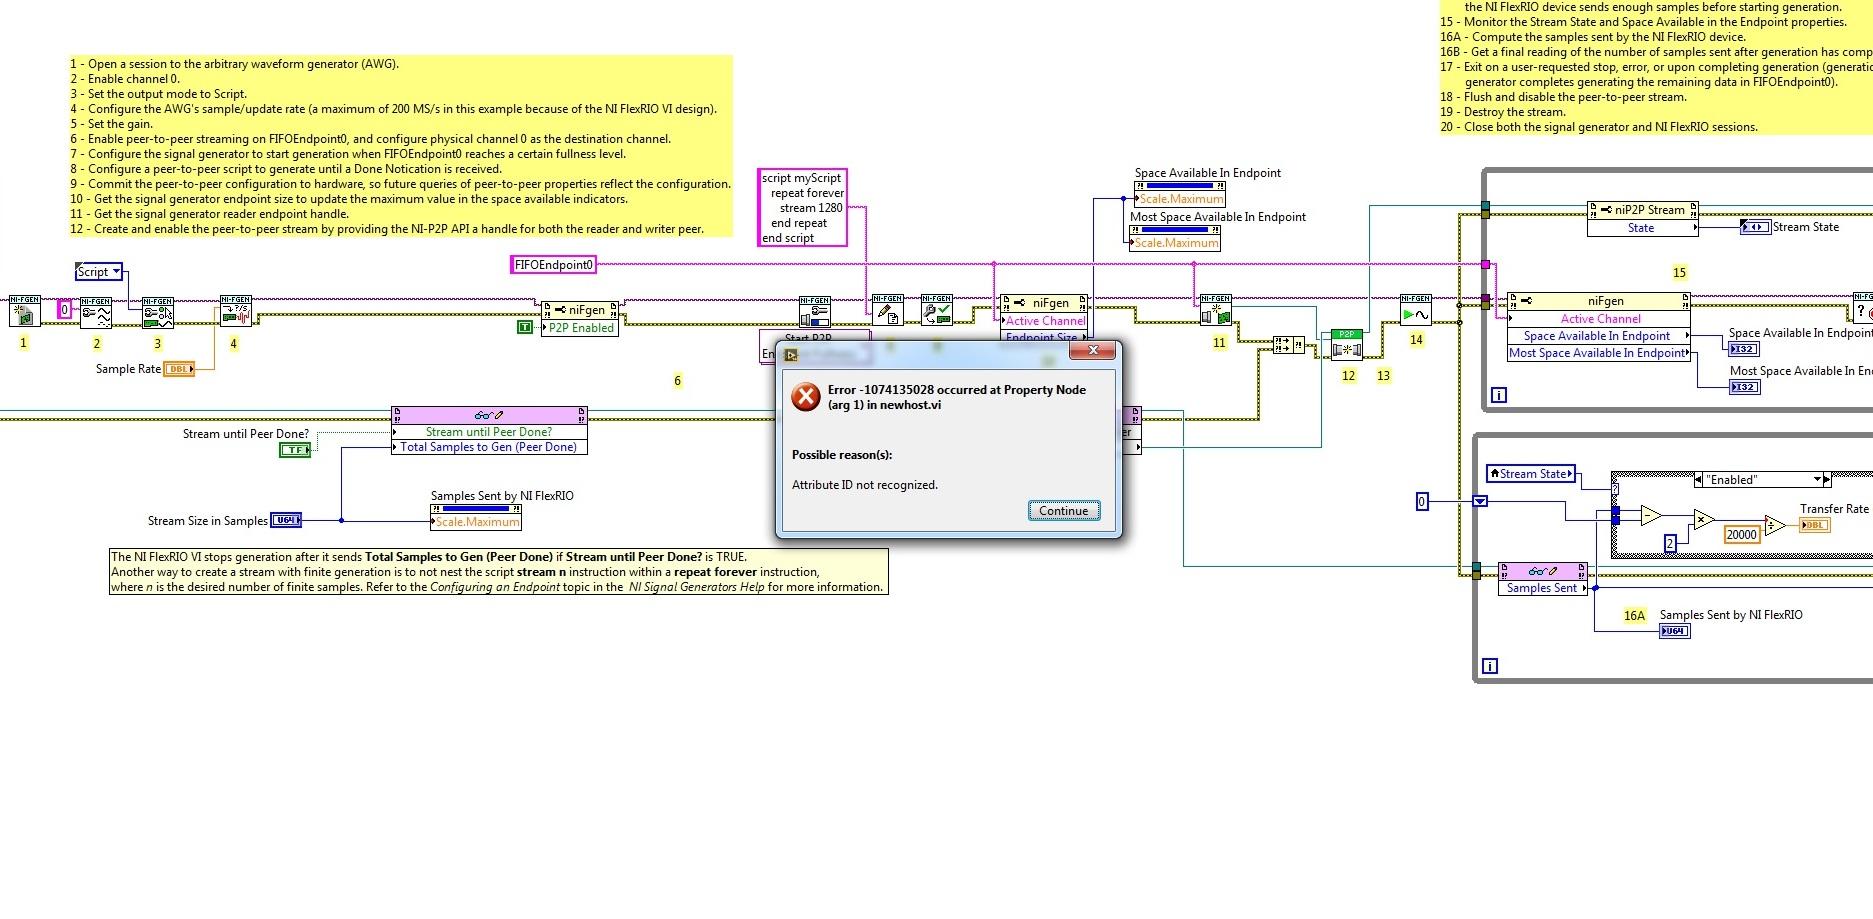 Peer to peer streaming SMU 1082 and FPGA 7976 - eehelp com